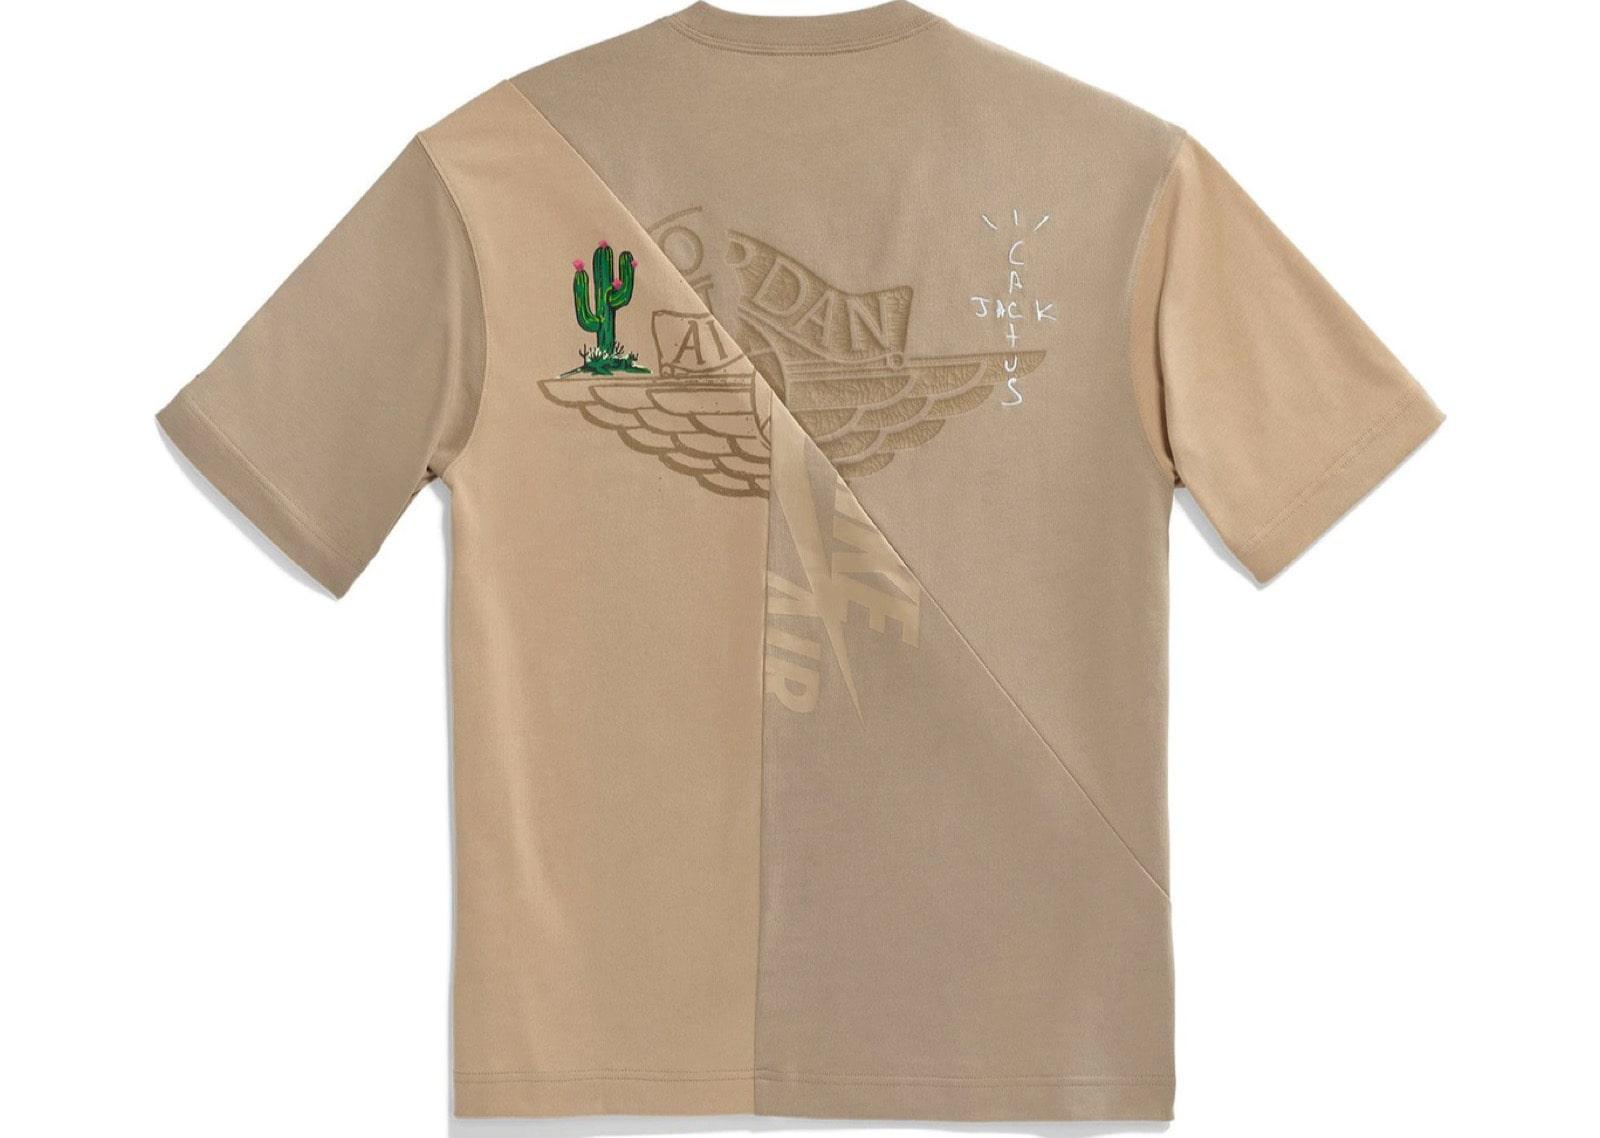 slide 2 - Khaki/Desert Tshirt